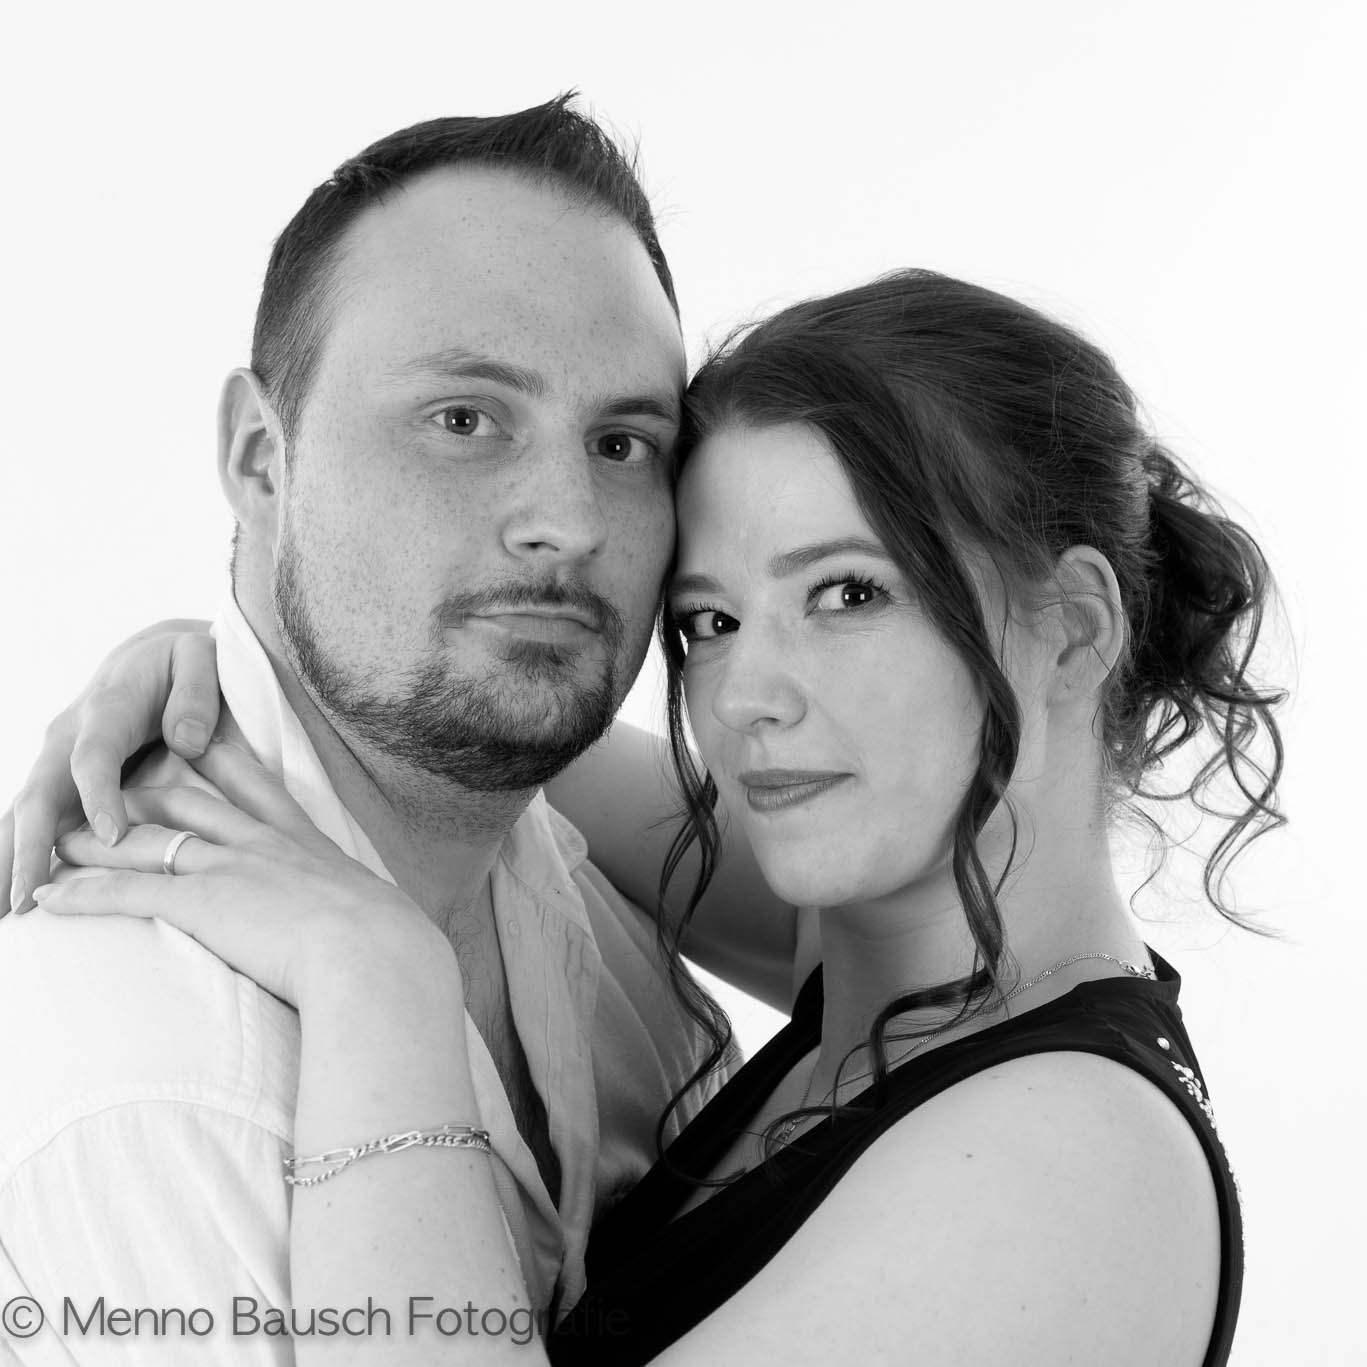 Menno Bausch Fotografie14-2